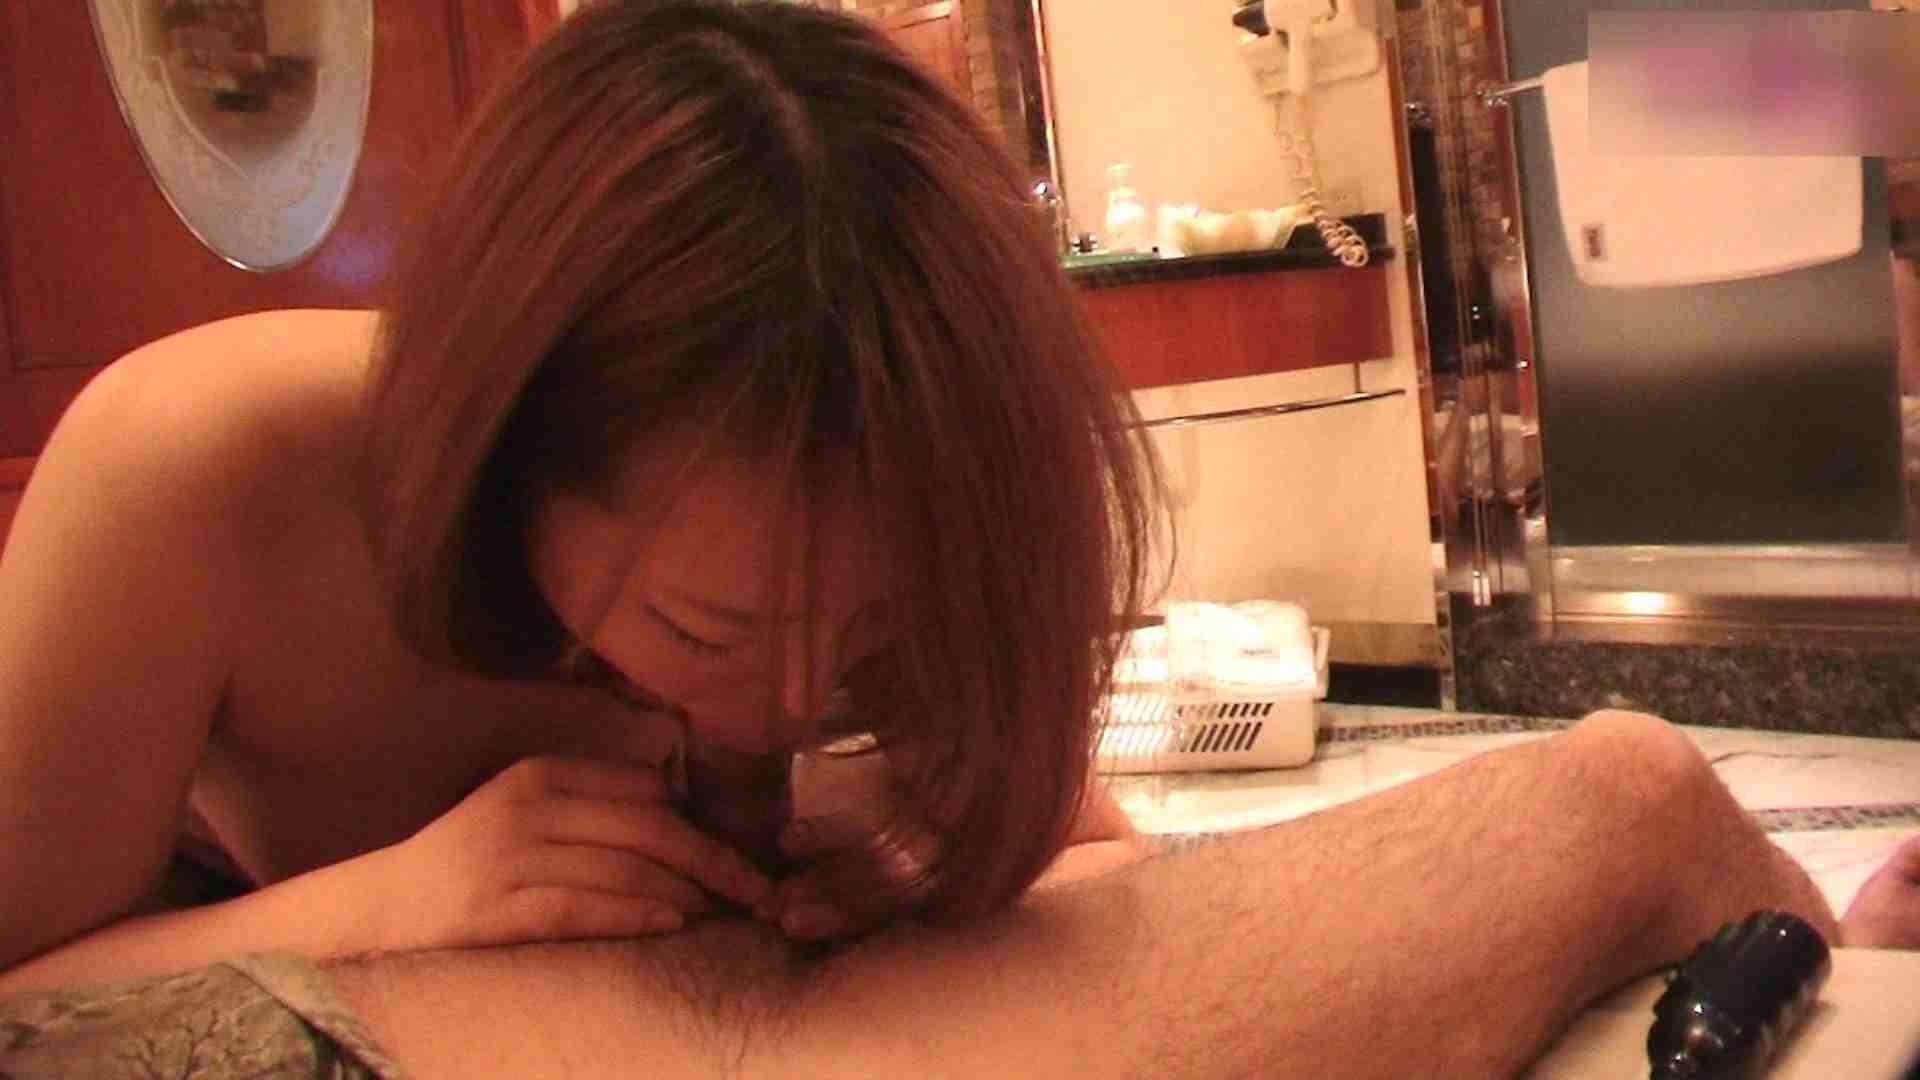 おしえてギャル子のH塾 Vol.13 前編 OL裸体 | 一般投稿  98画像 82